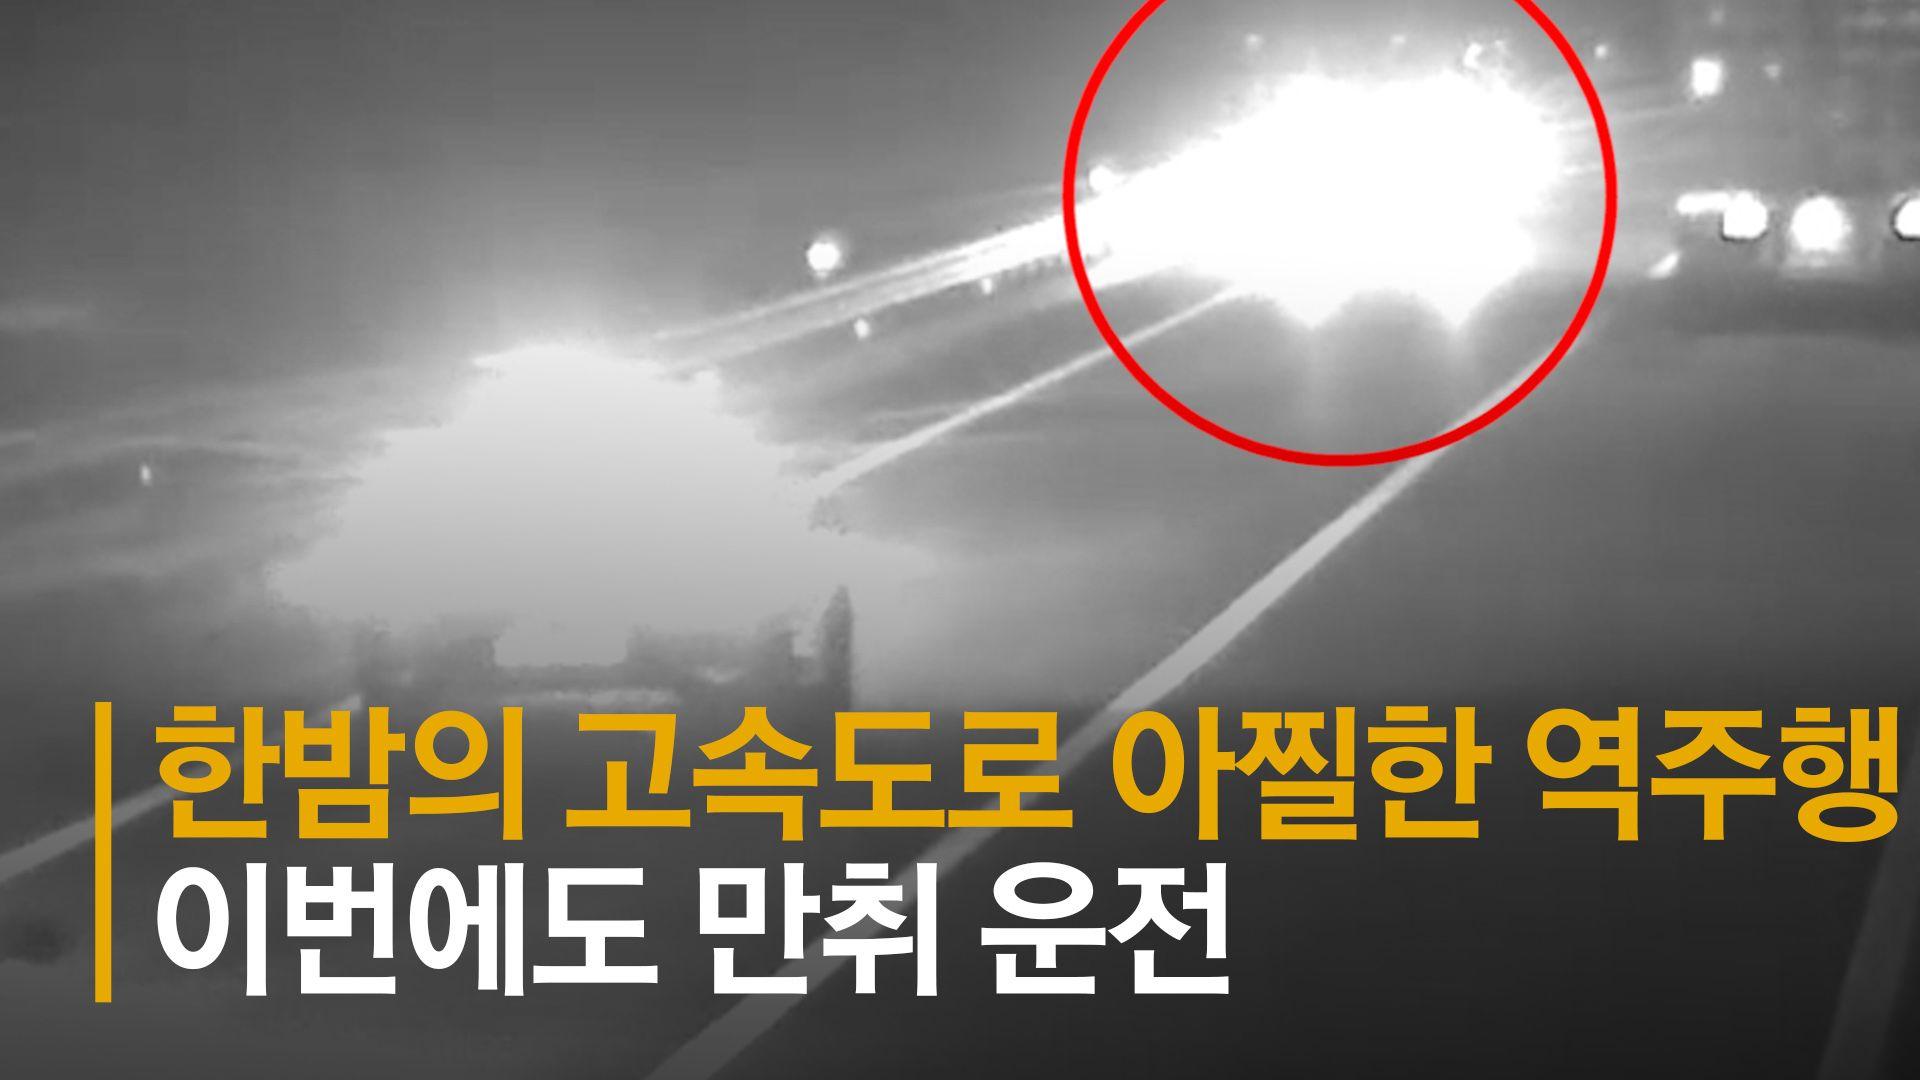 한밤 아찔했던 고속도로 역주행 10분…이번에도 만취 운전